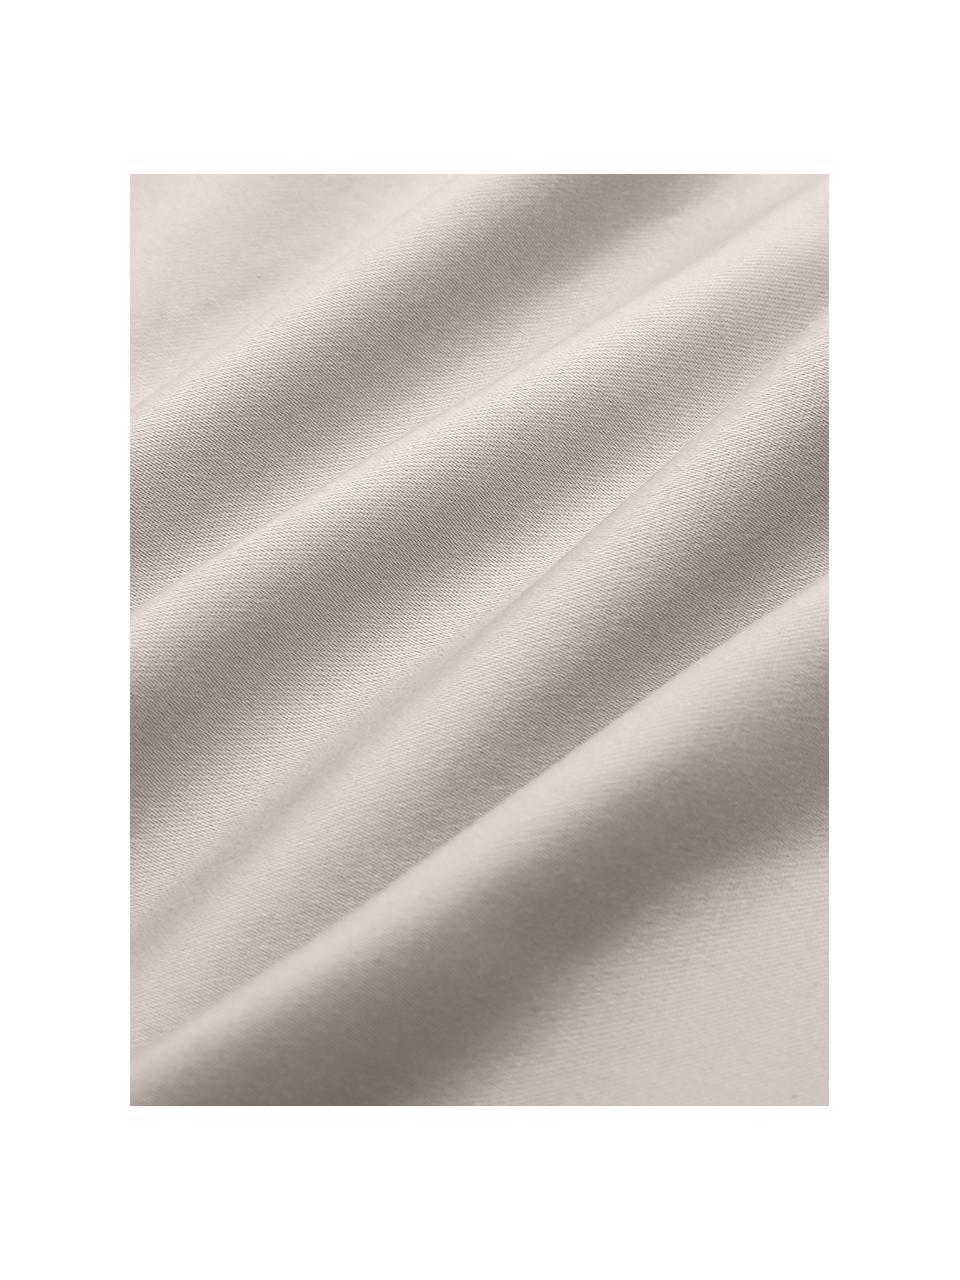 Satin-Bettwäsche Premium aus Bio-Baumwolle in Taupe mit Stehsaum, Webart: Satin Fadendichte 400 TC,, Taupe, 135 x 200 cm + 1 Kissen 80 x 80 cm